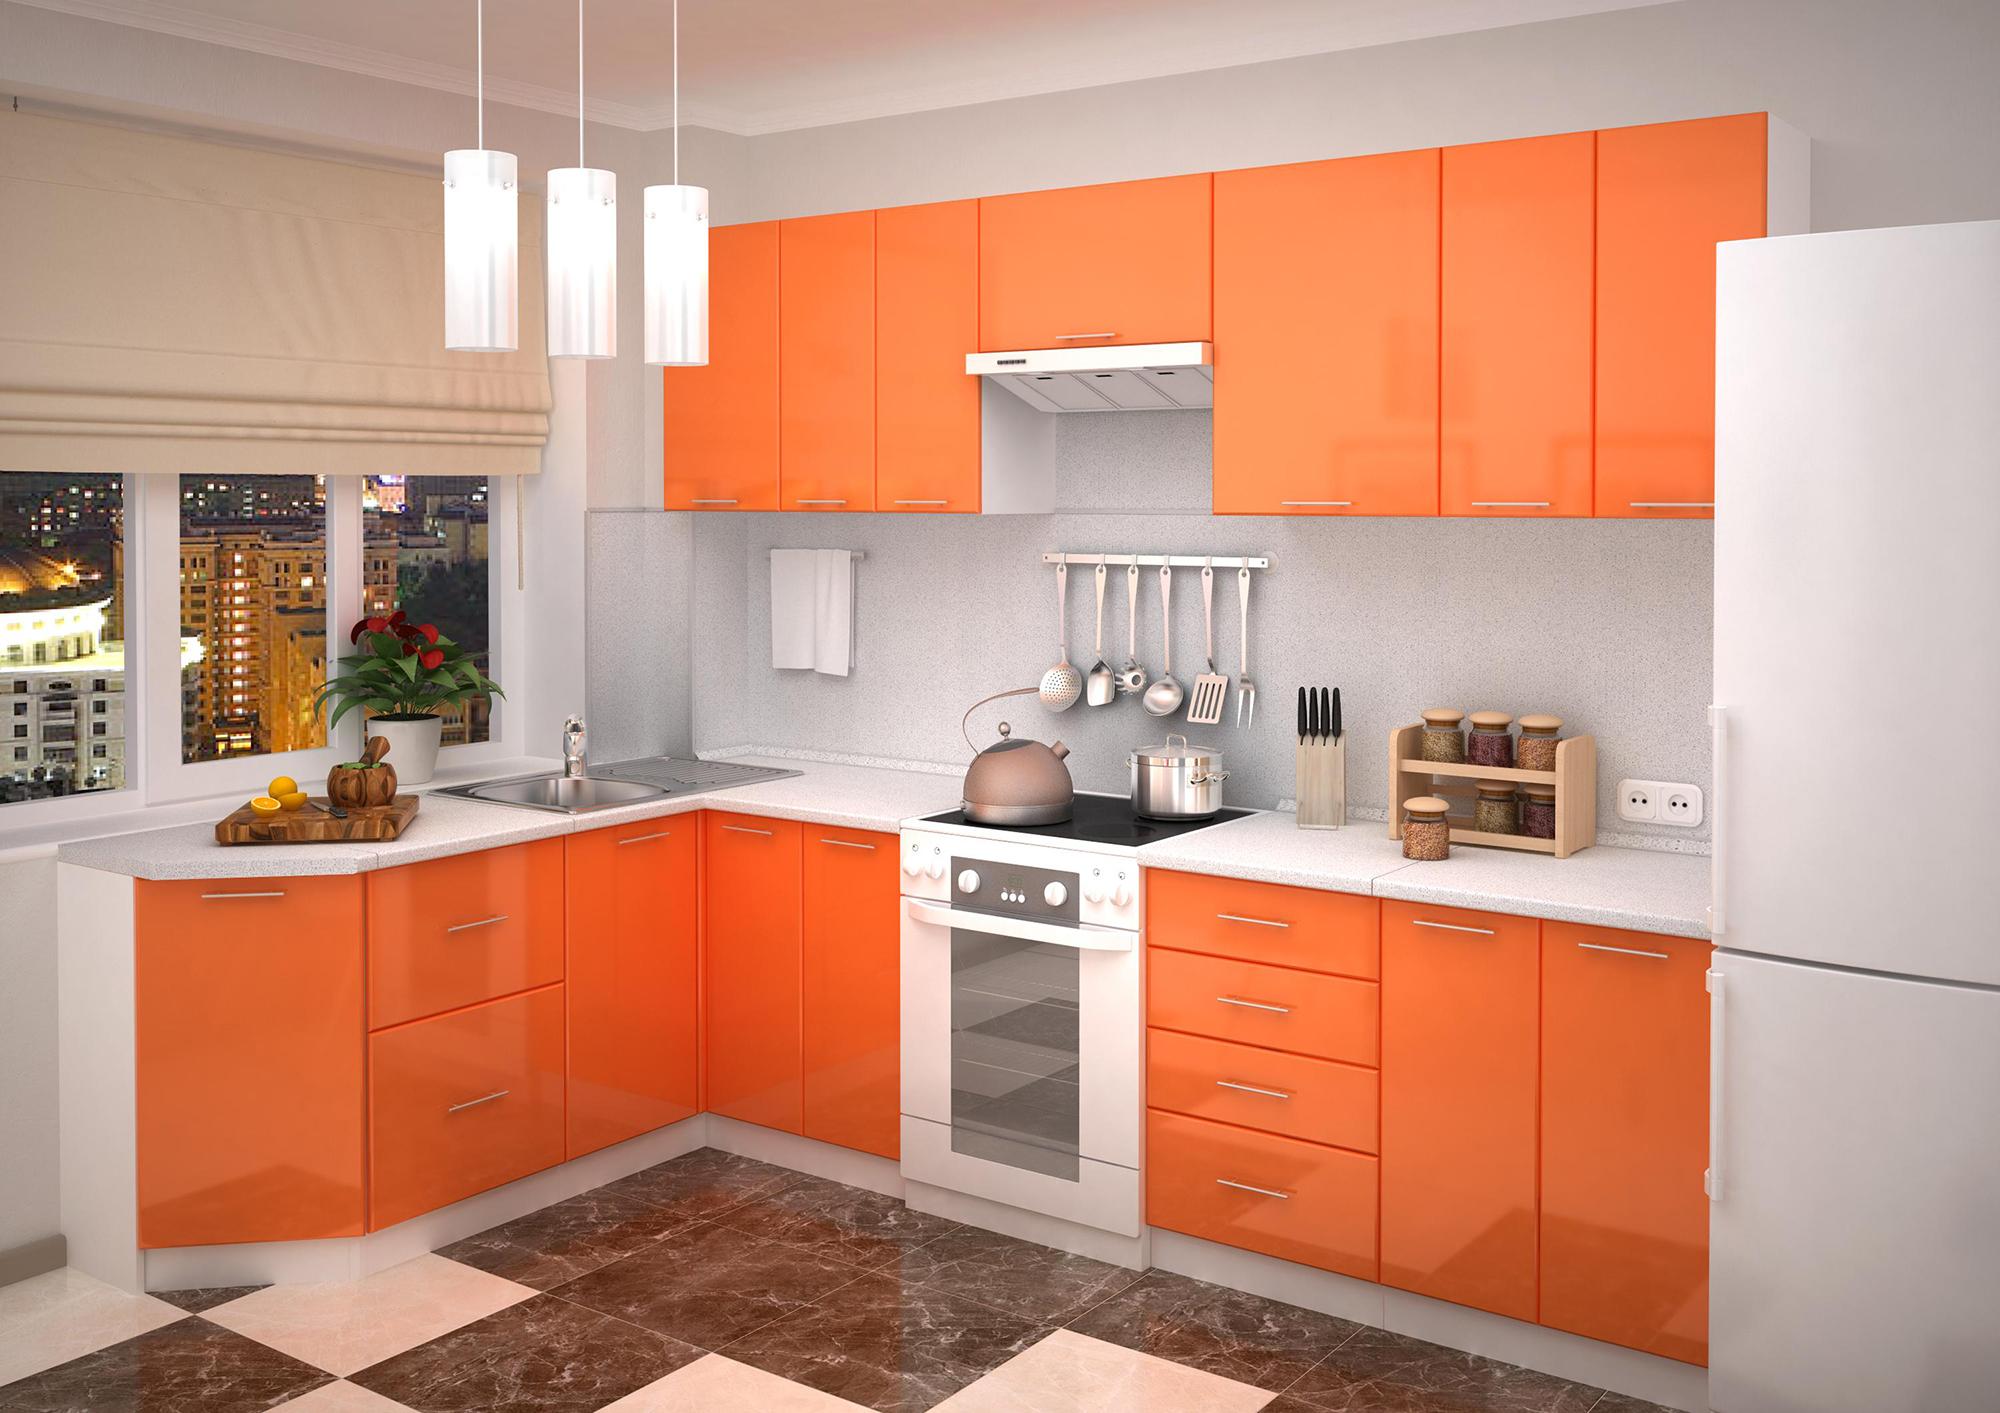 Угловой бело-оранжевый кухонный гарнитур